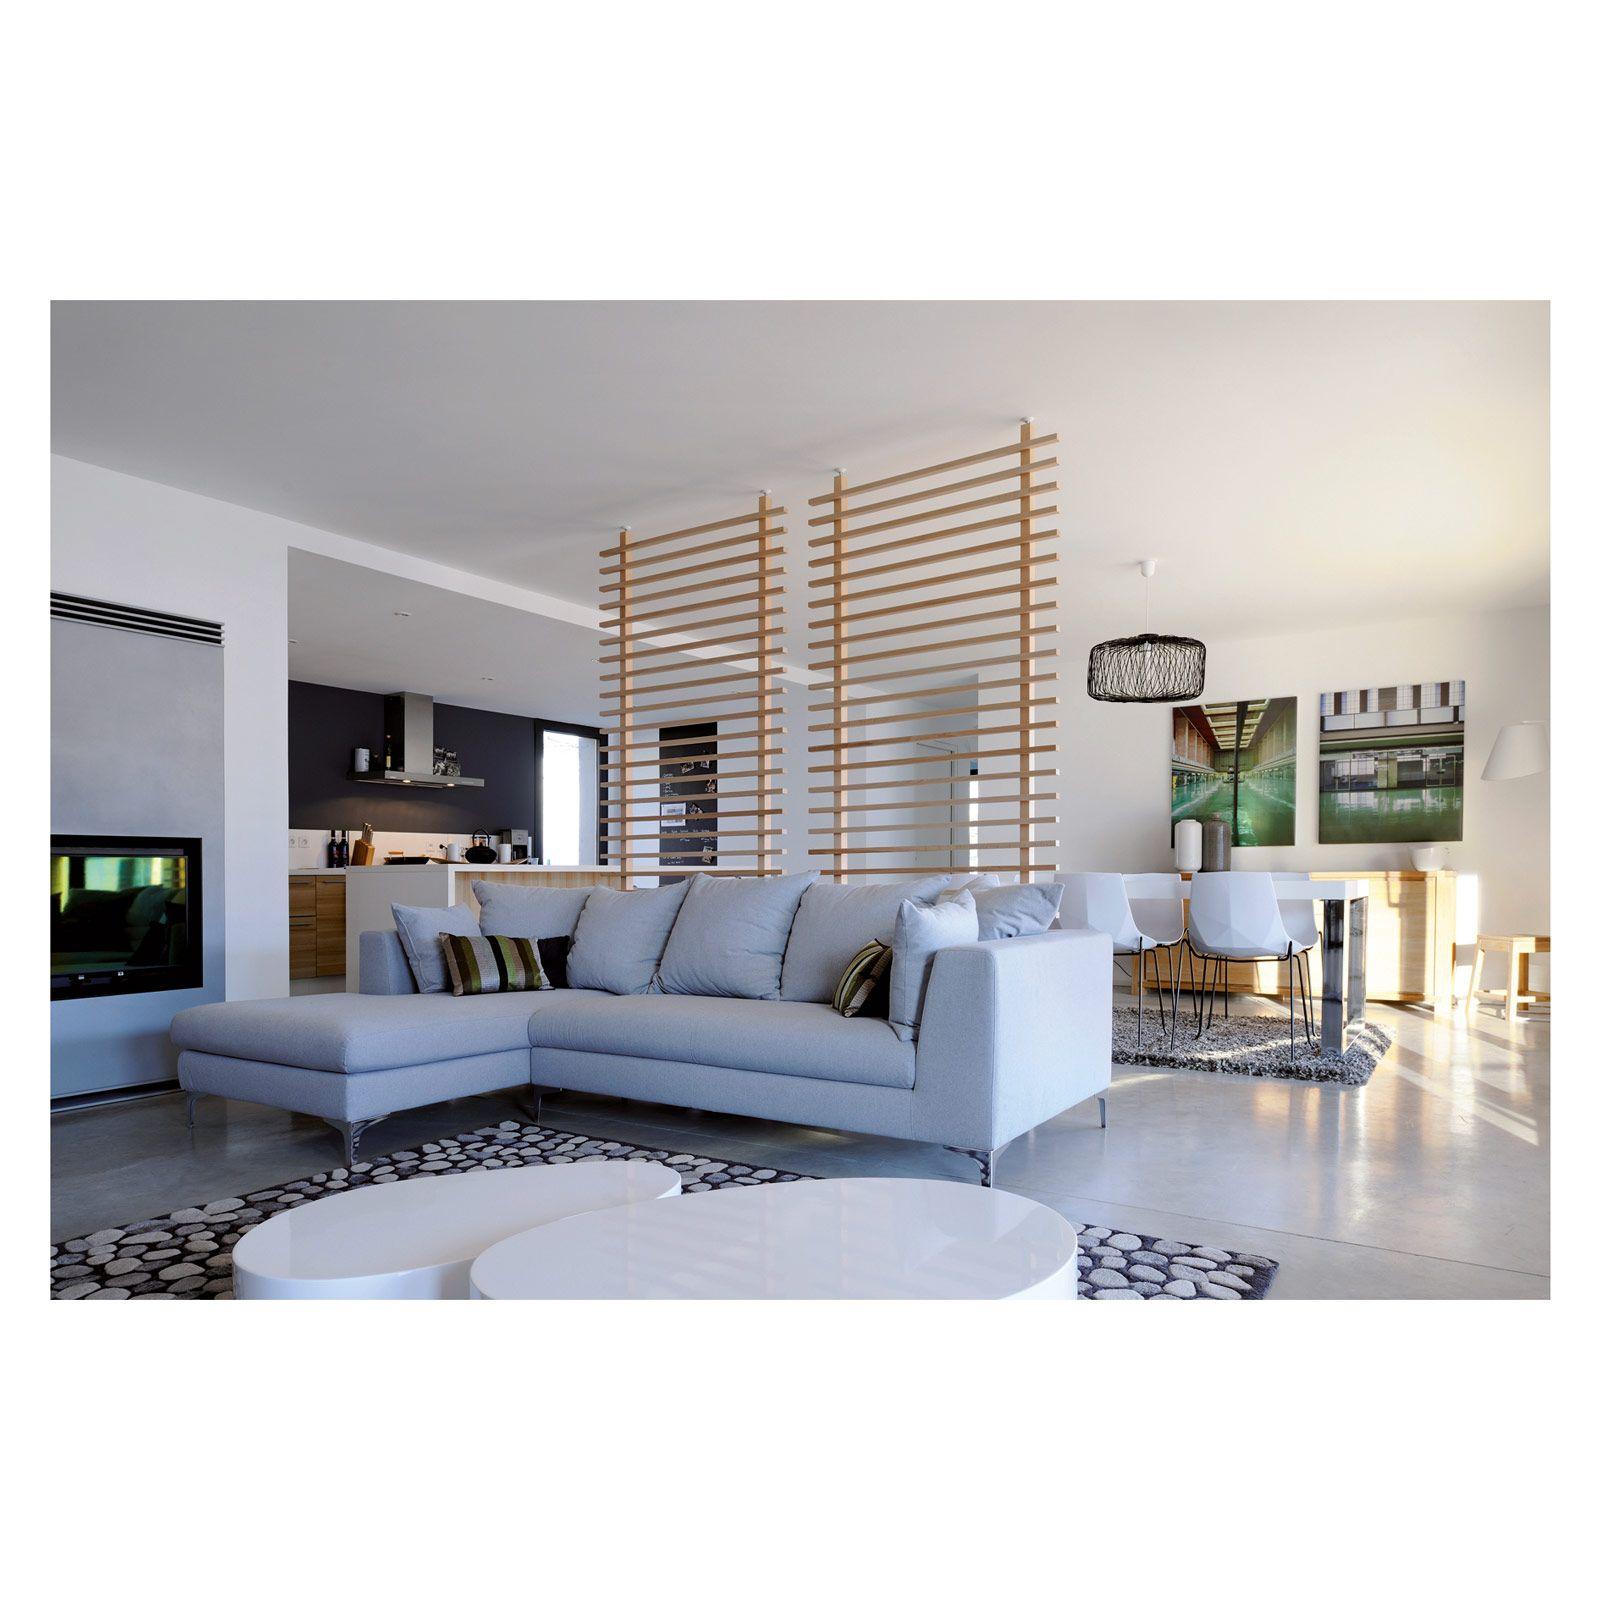 parete divisoria di leroy merlin in legno, per uso interno. È